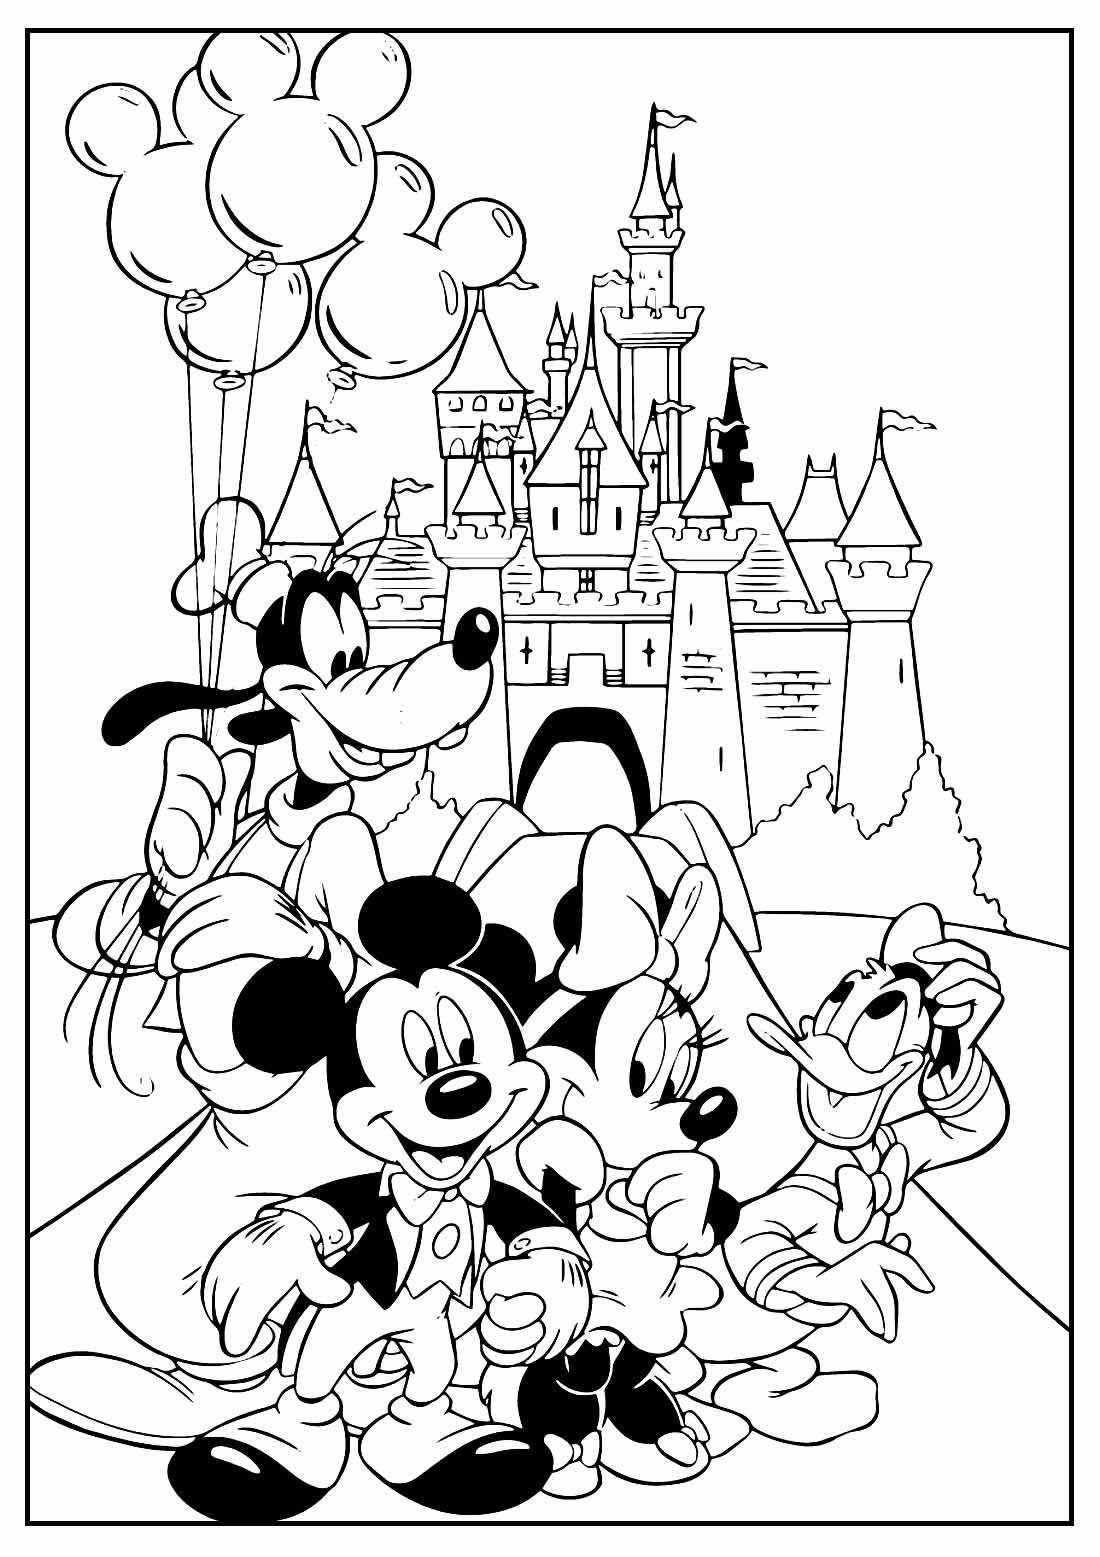 Desenhos lindos do Mickey Mouse